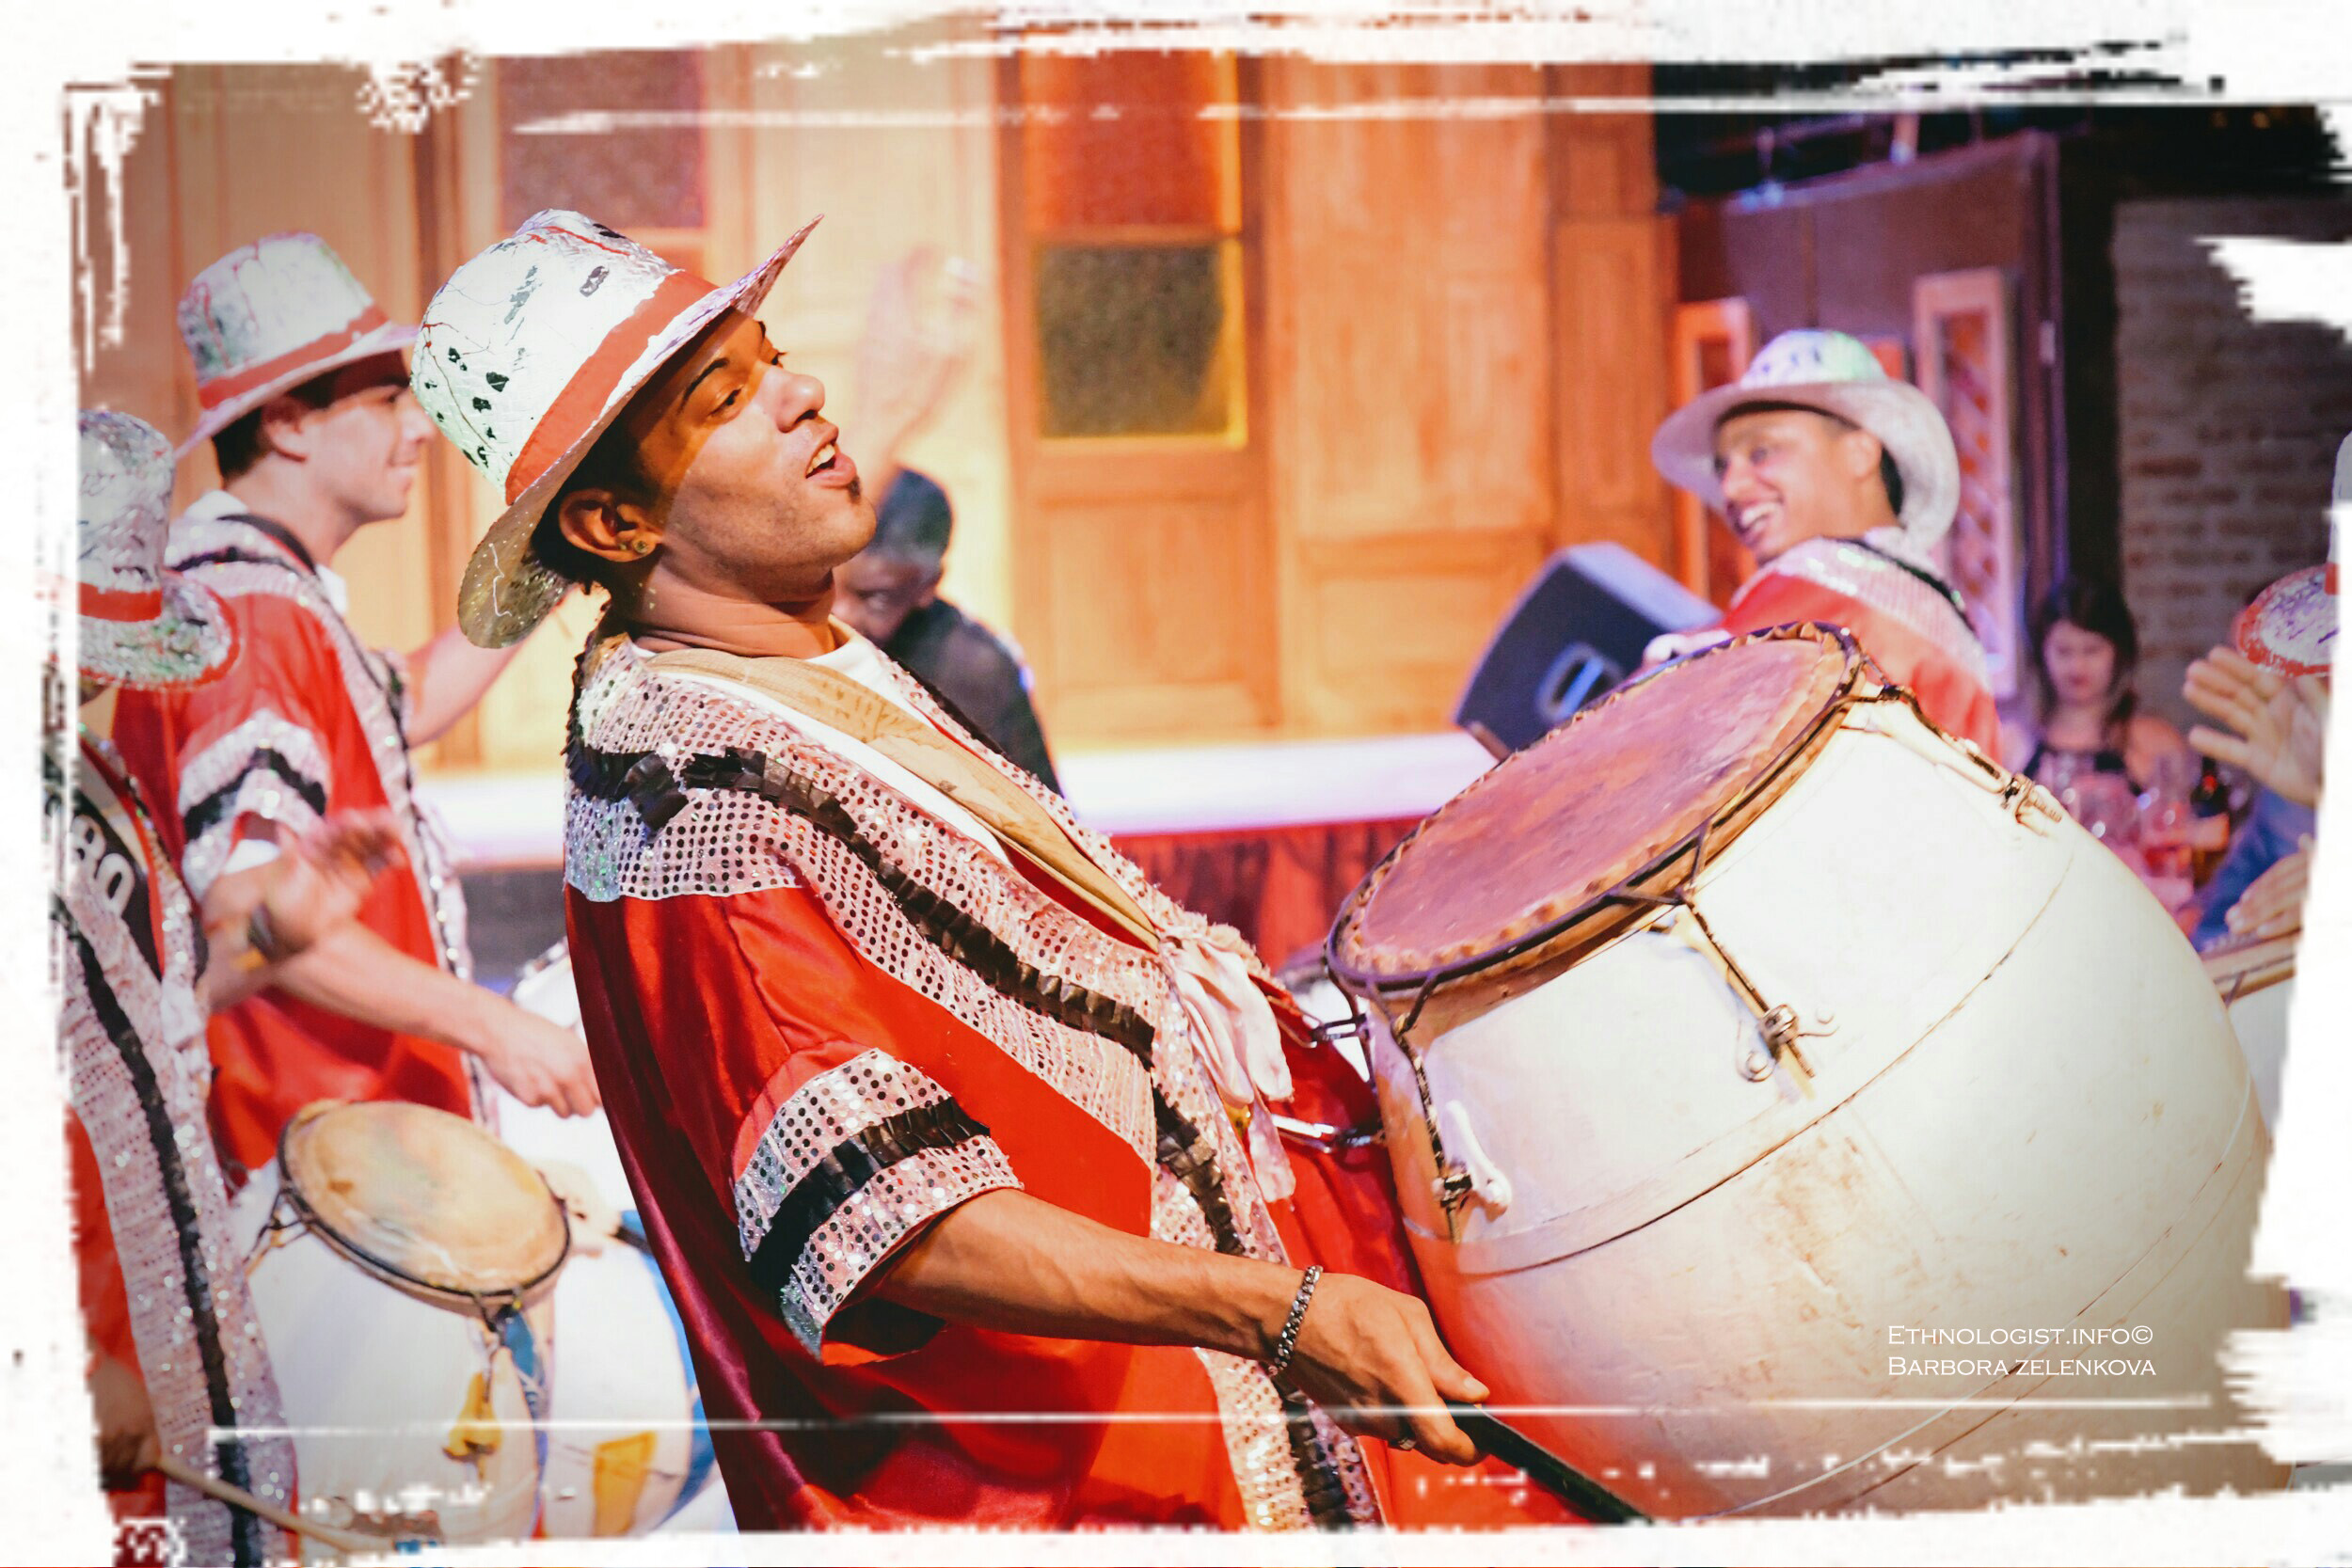 Hudební vystoupení candombe v sále Milongón v Montevideu. Foto: Barbora Zelenková, Prosinec, 2016.